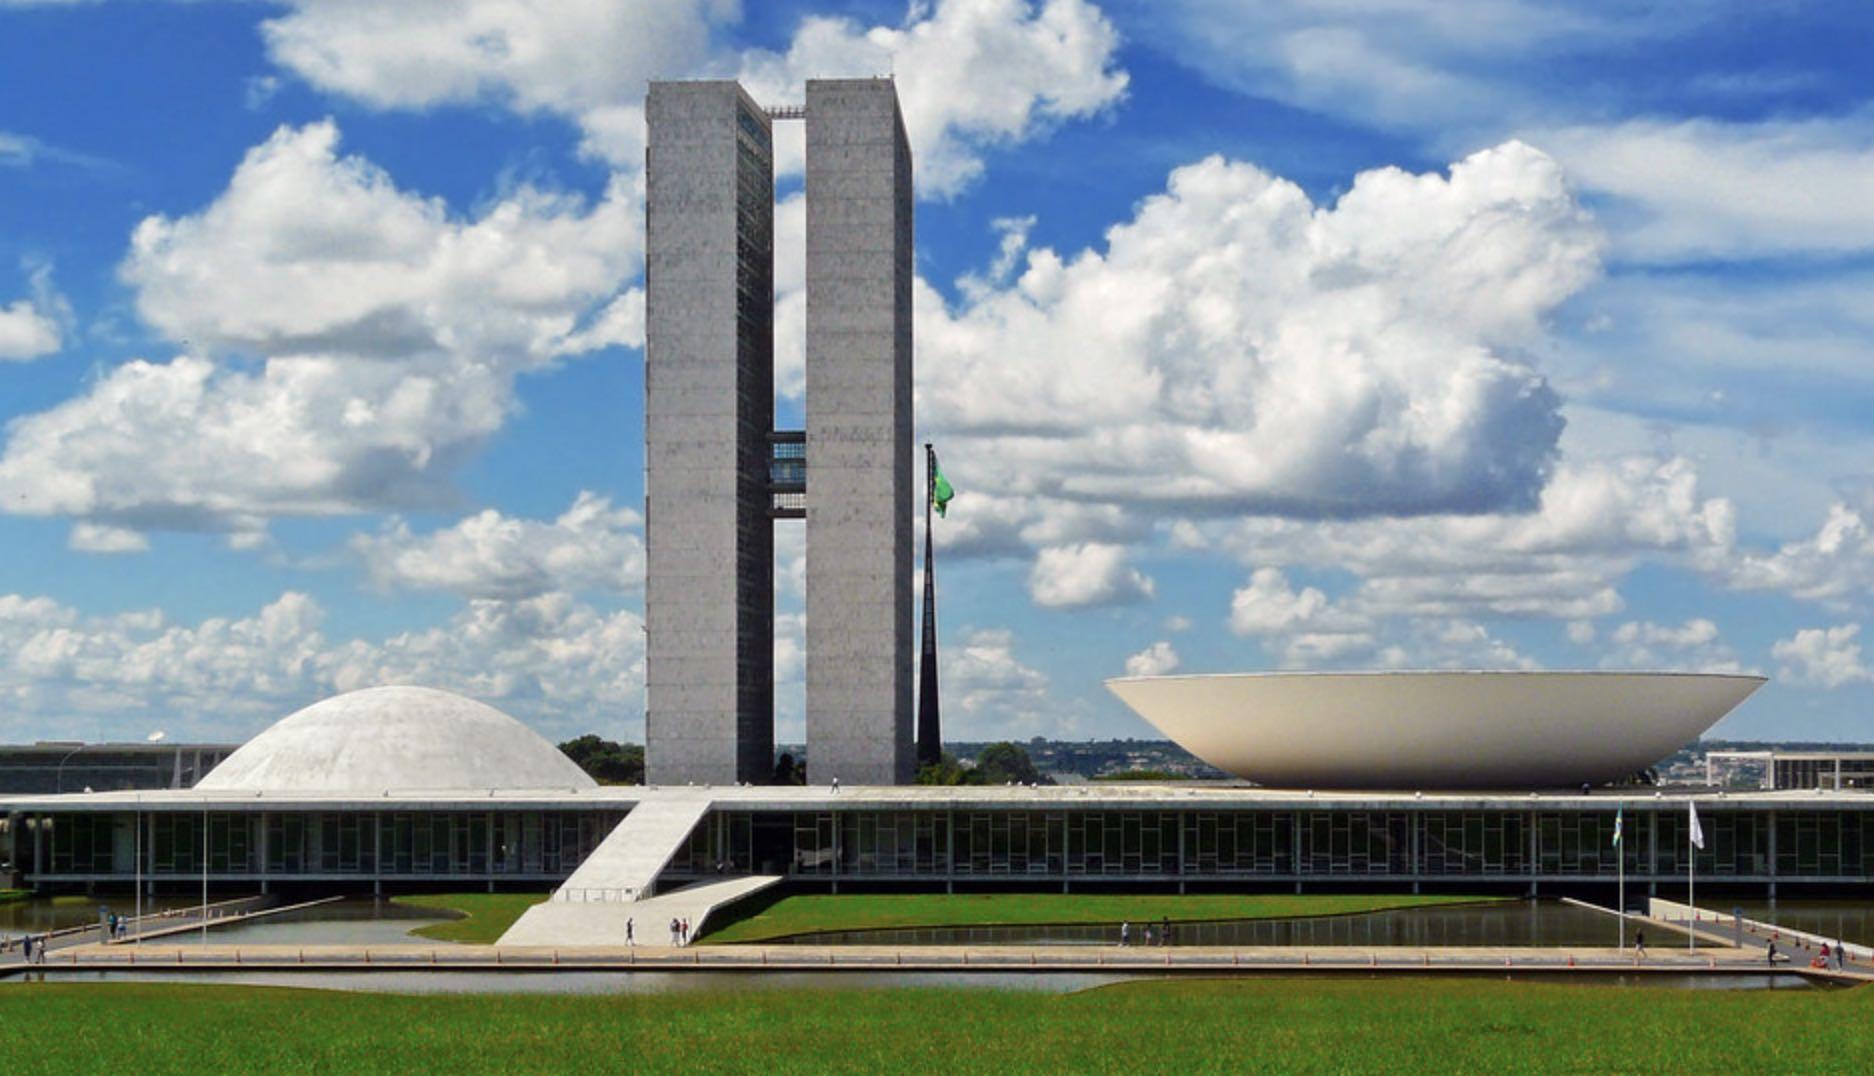 Brasilia, Planalto